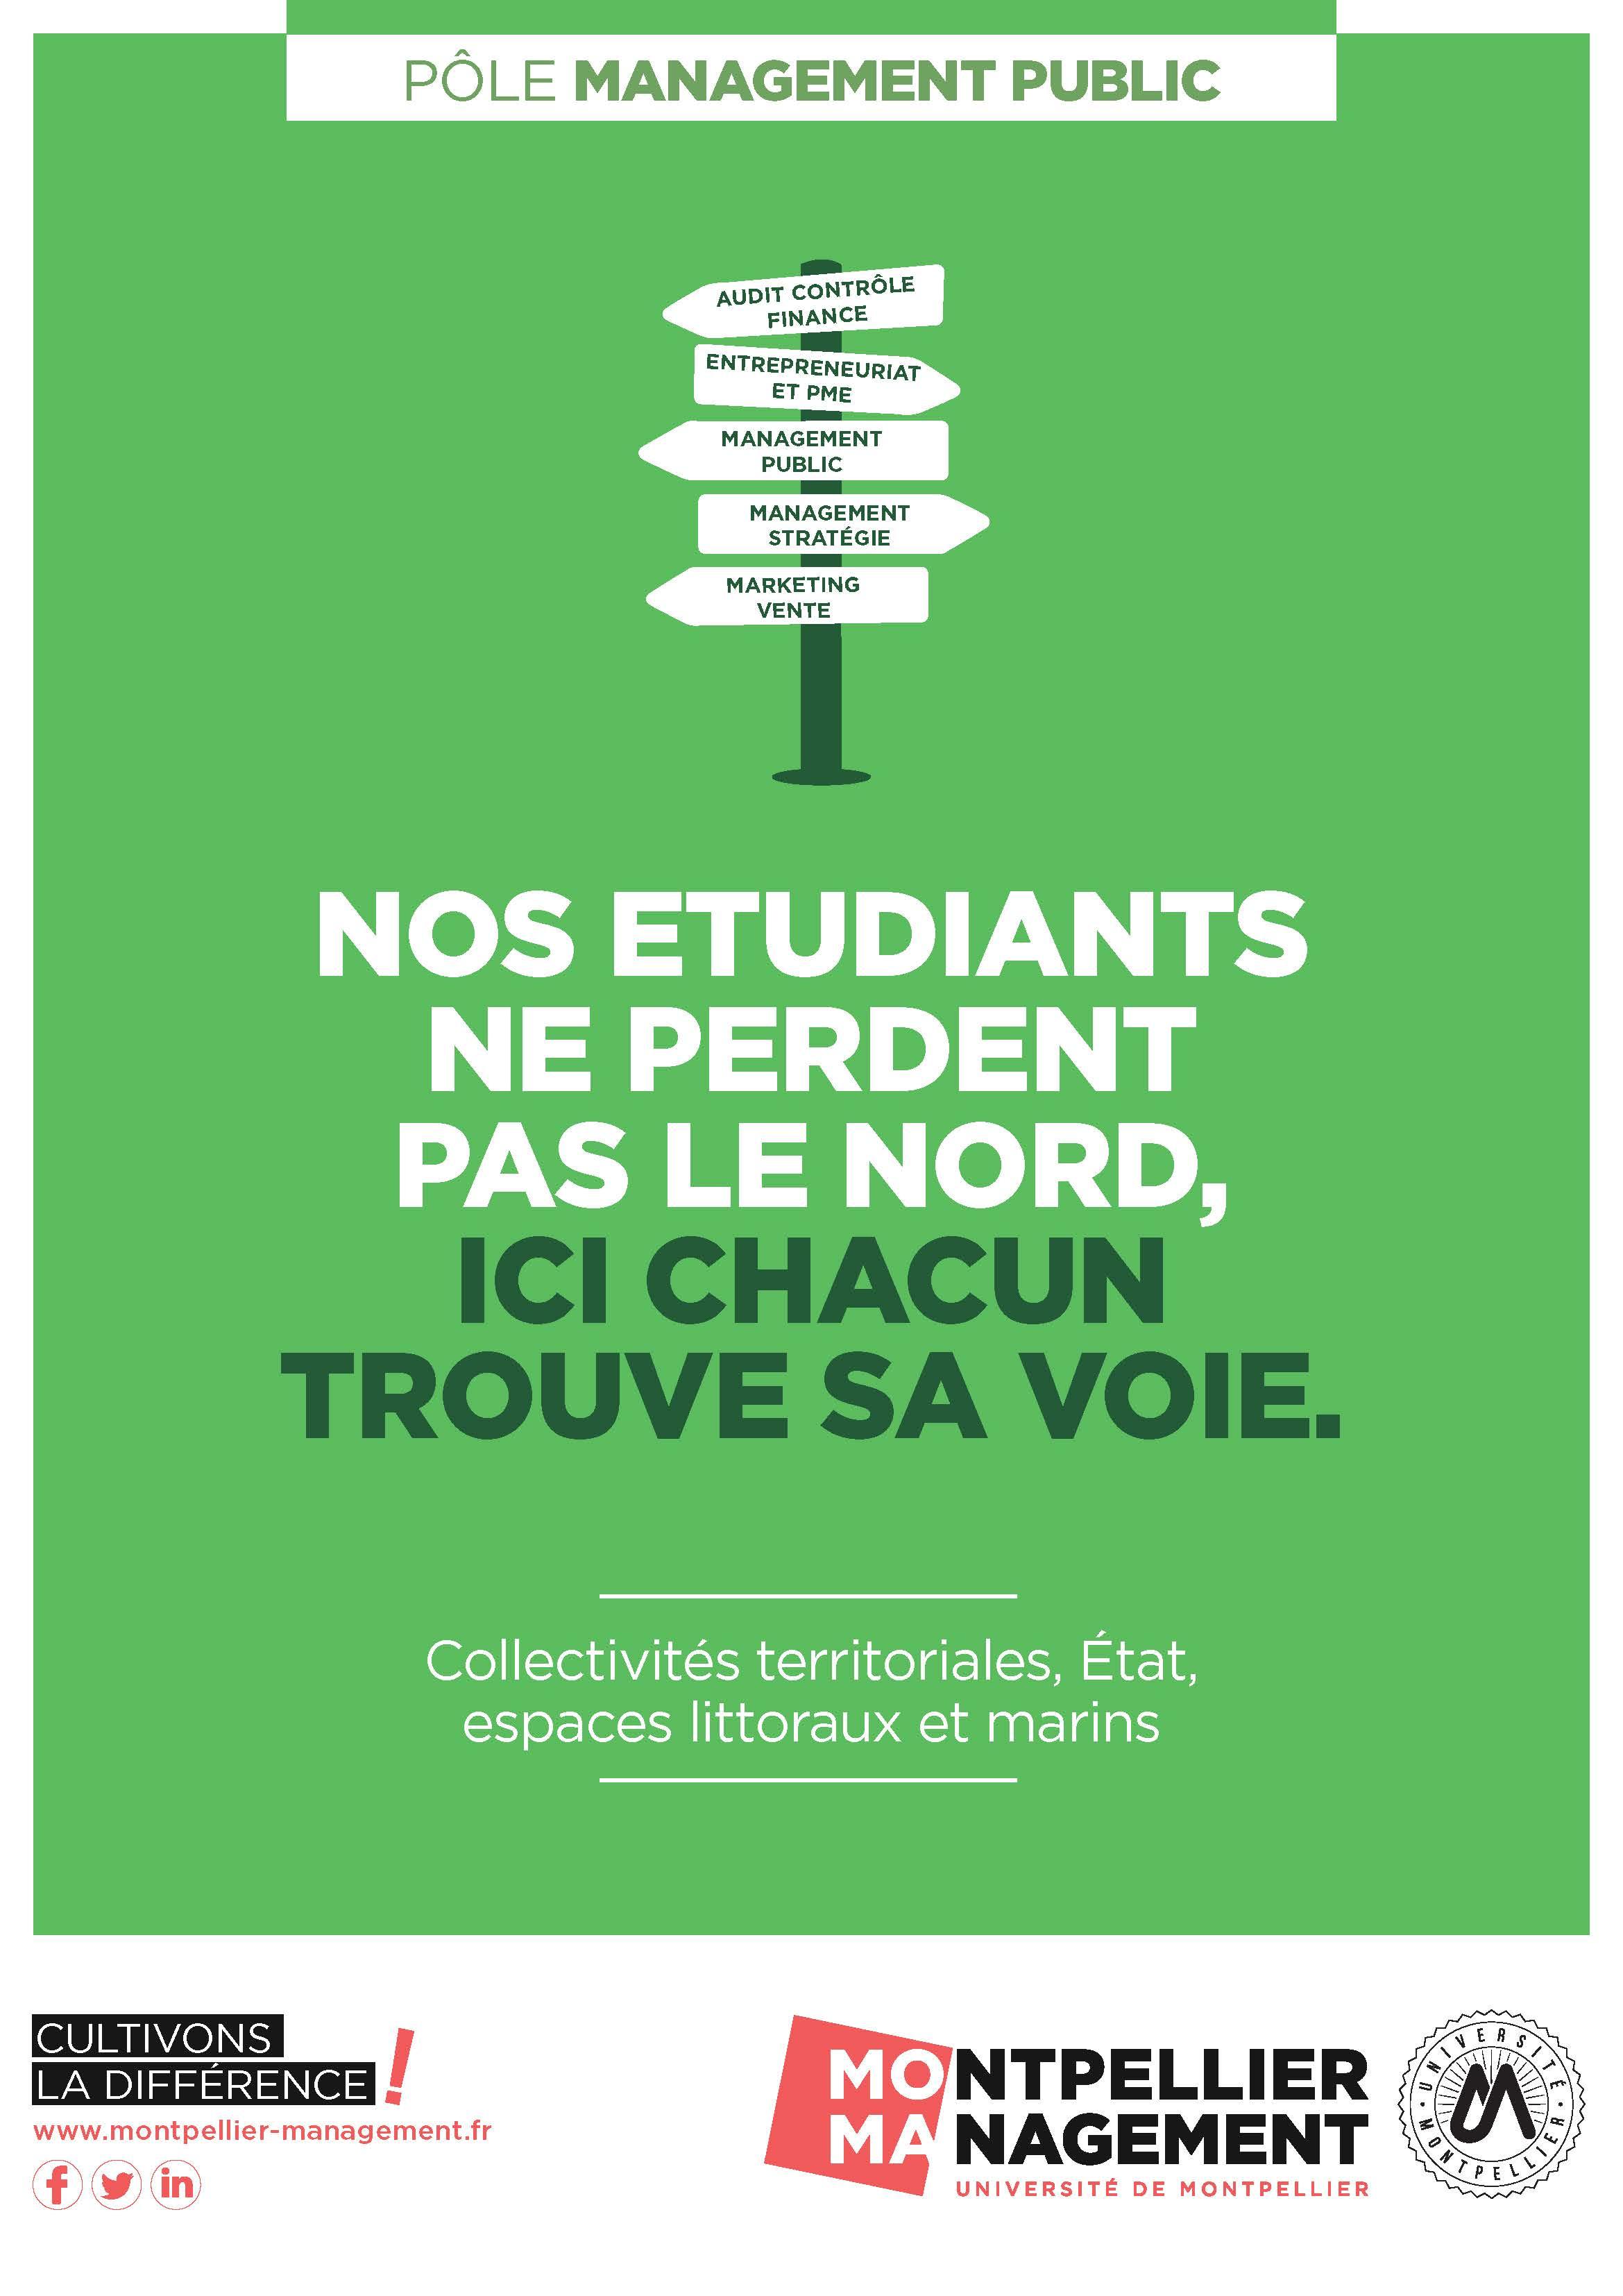 Pole Management Public - Montpellier Management